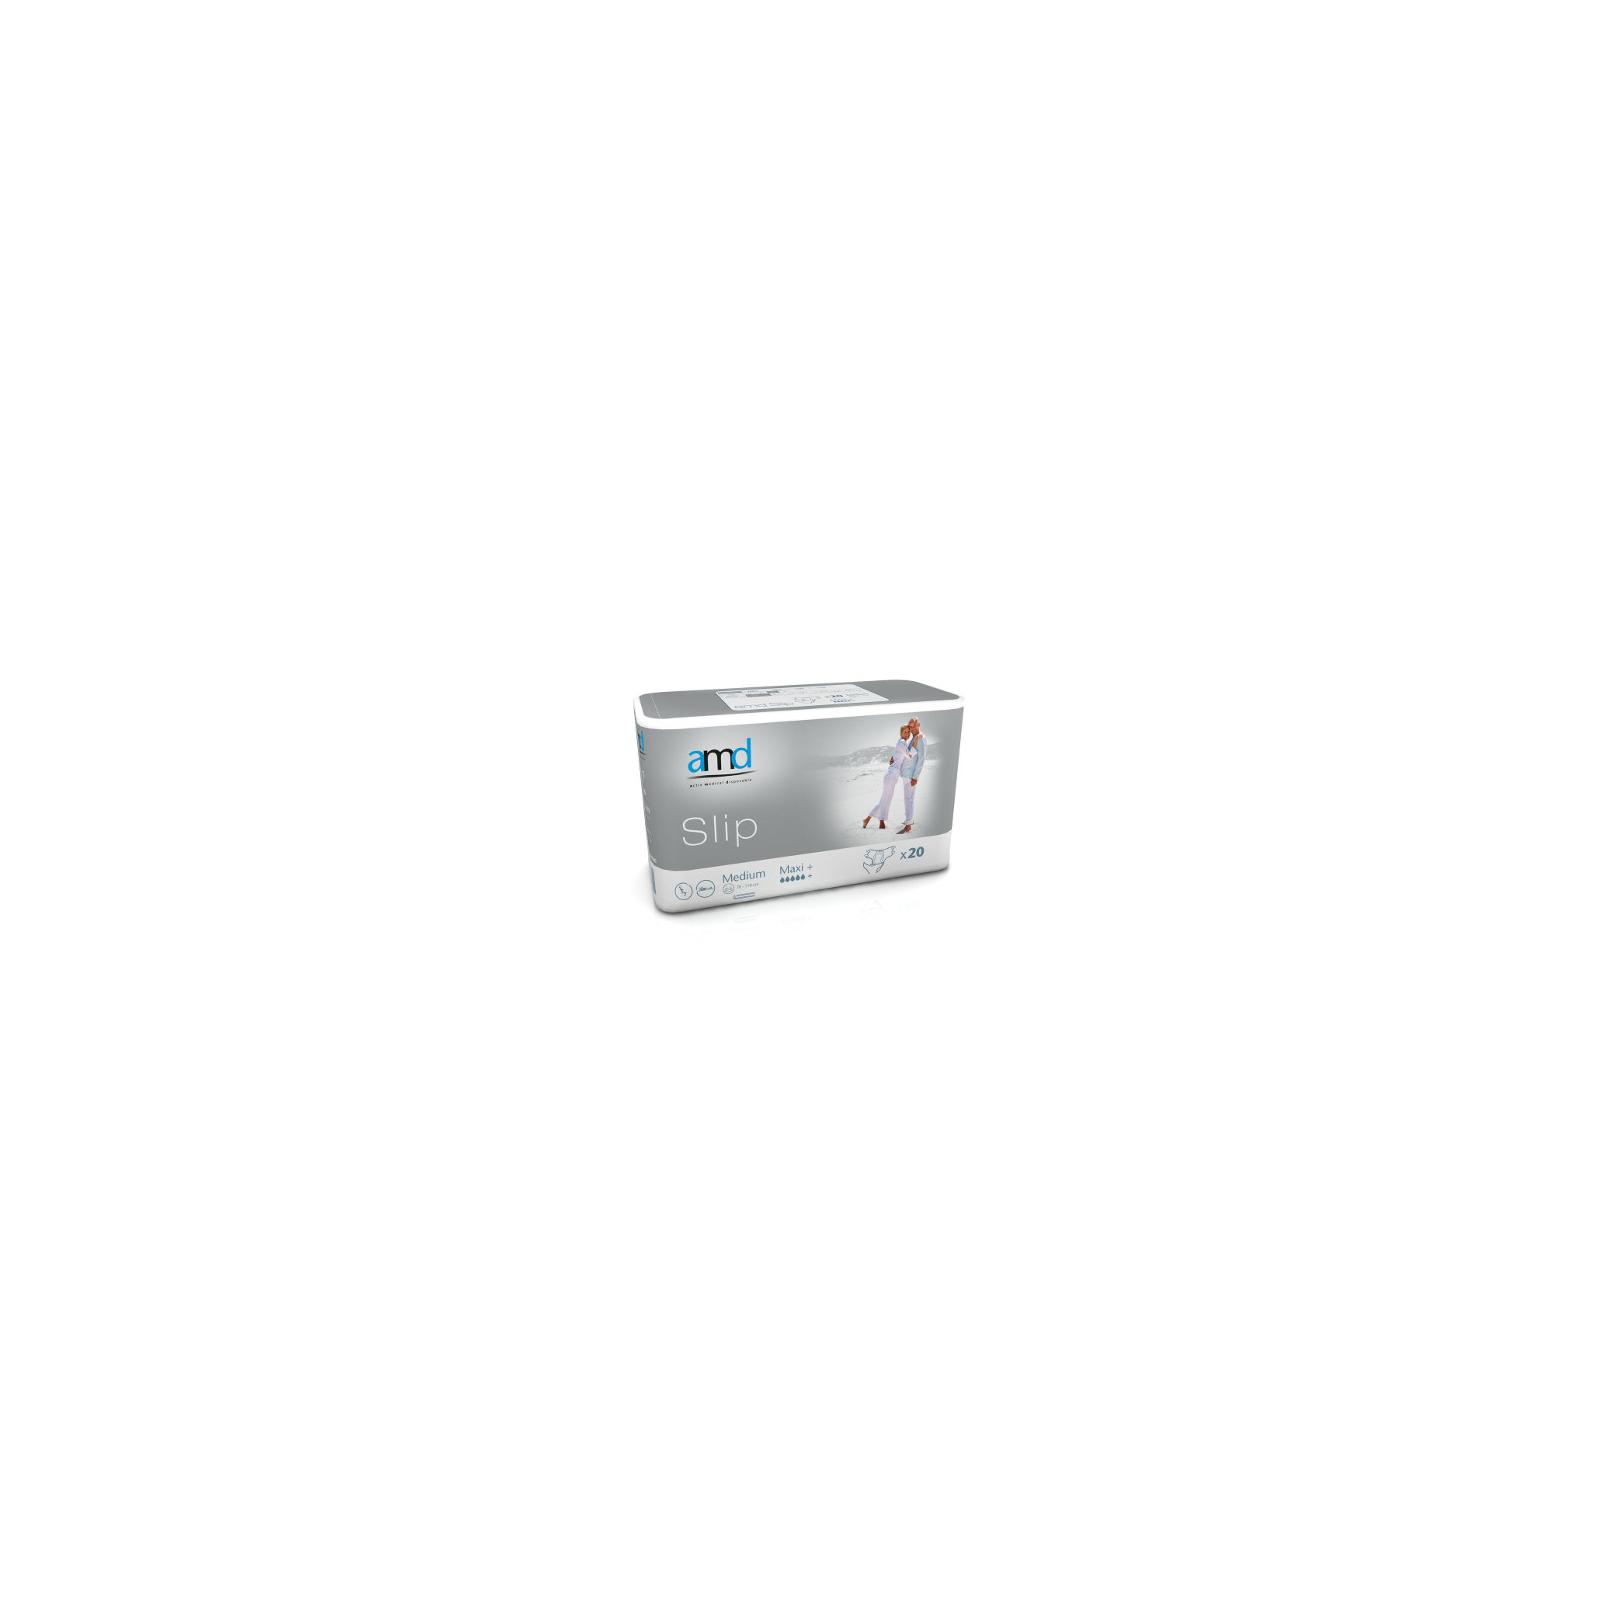 AMD Slip Maxi+| SenUp.com